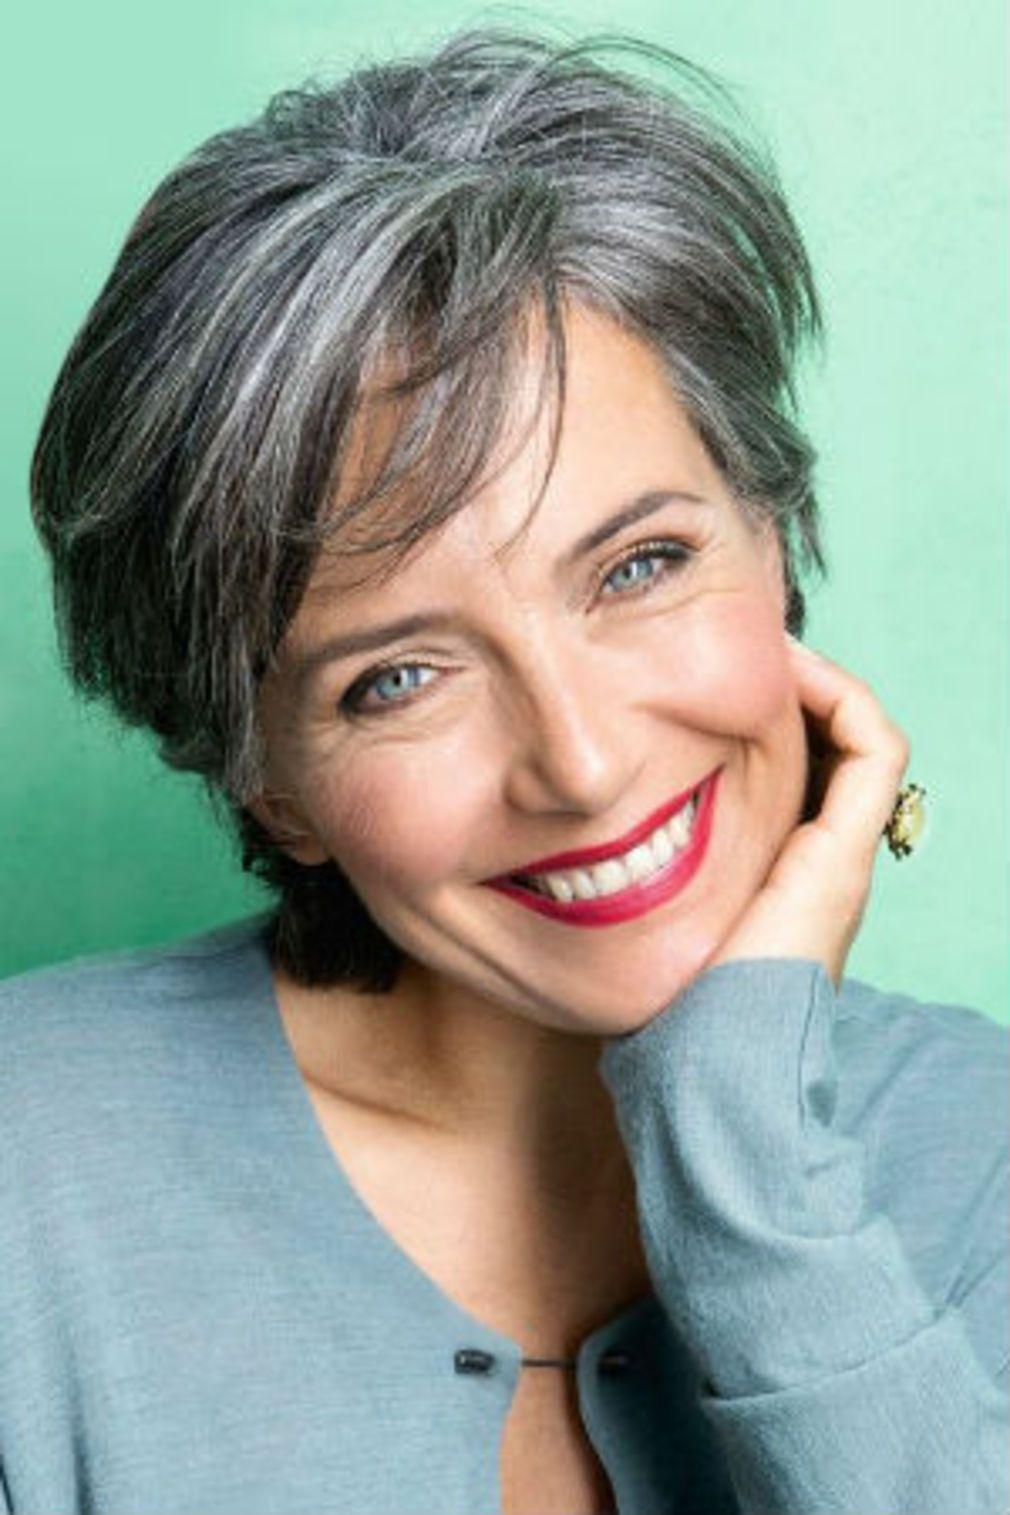 Souvent Cheveux gris : 40 coiffures qui ne font pas mamie | Cheveux gris  EZ96